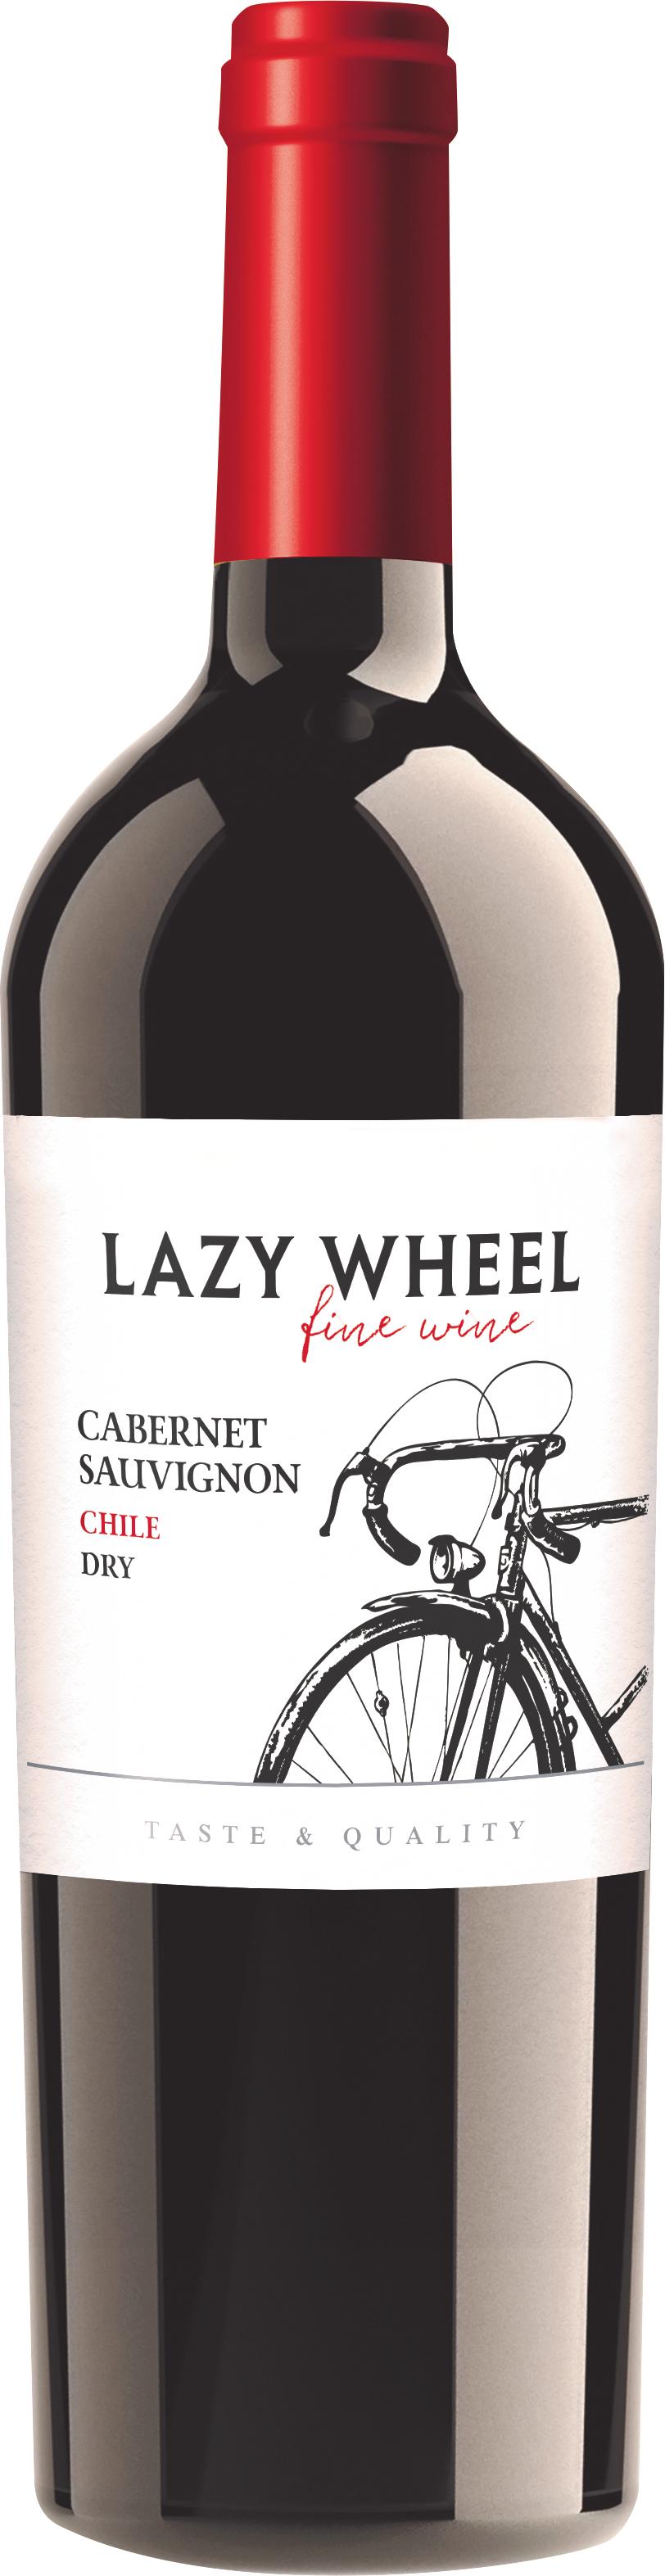 Lazy Wheel Cabernet Savignon 0,75l